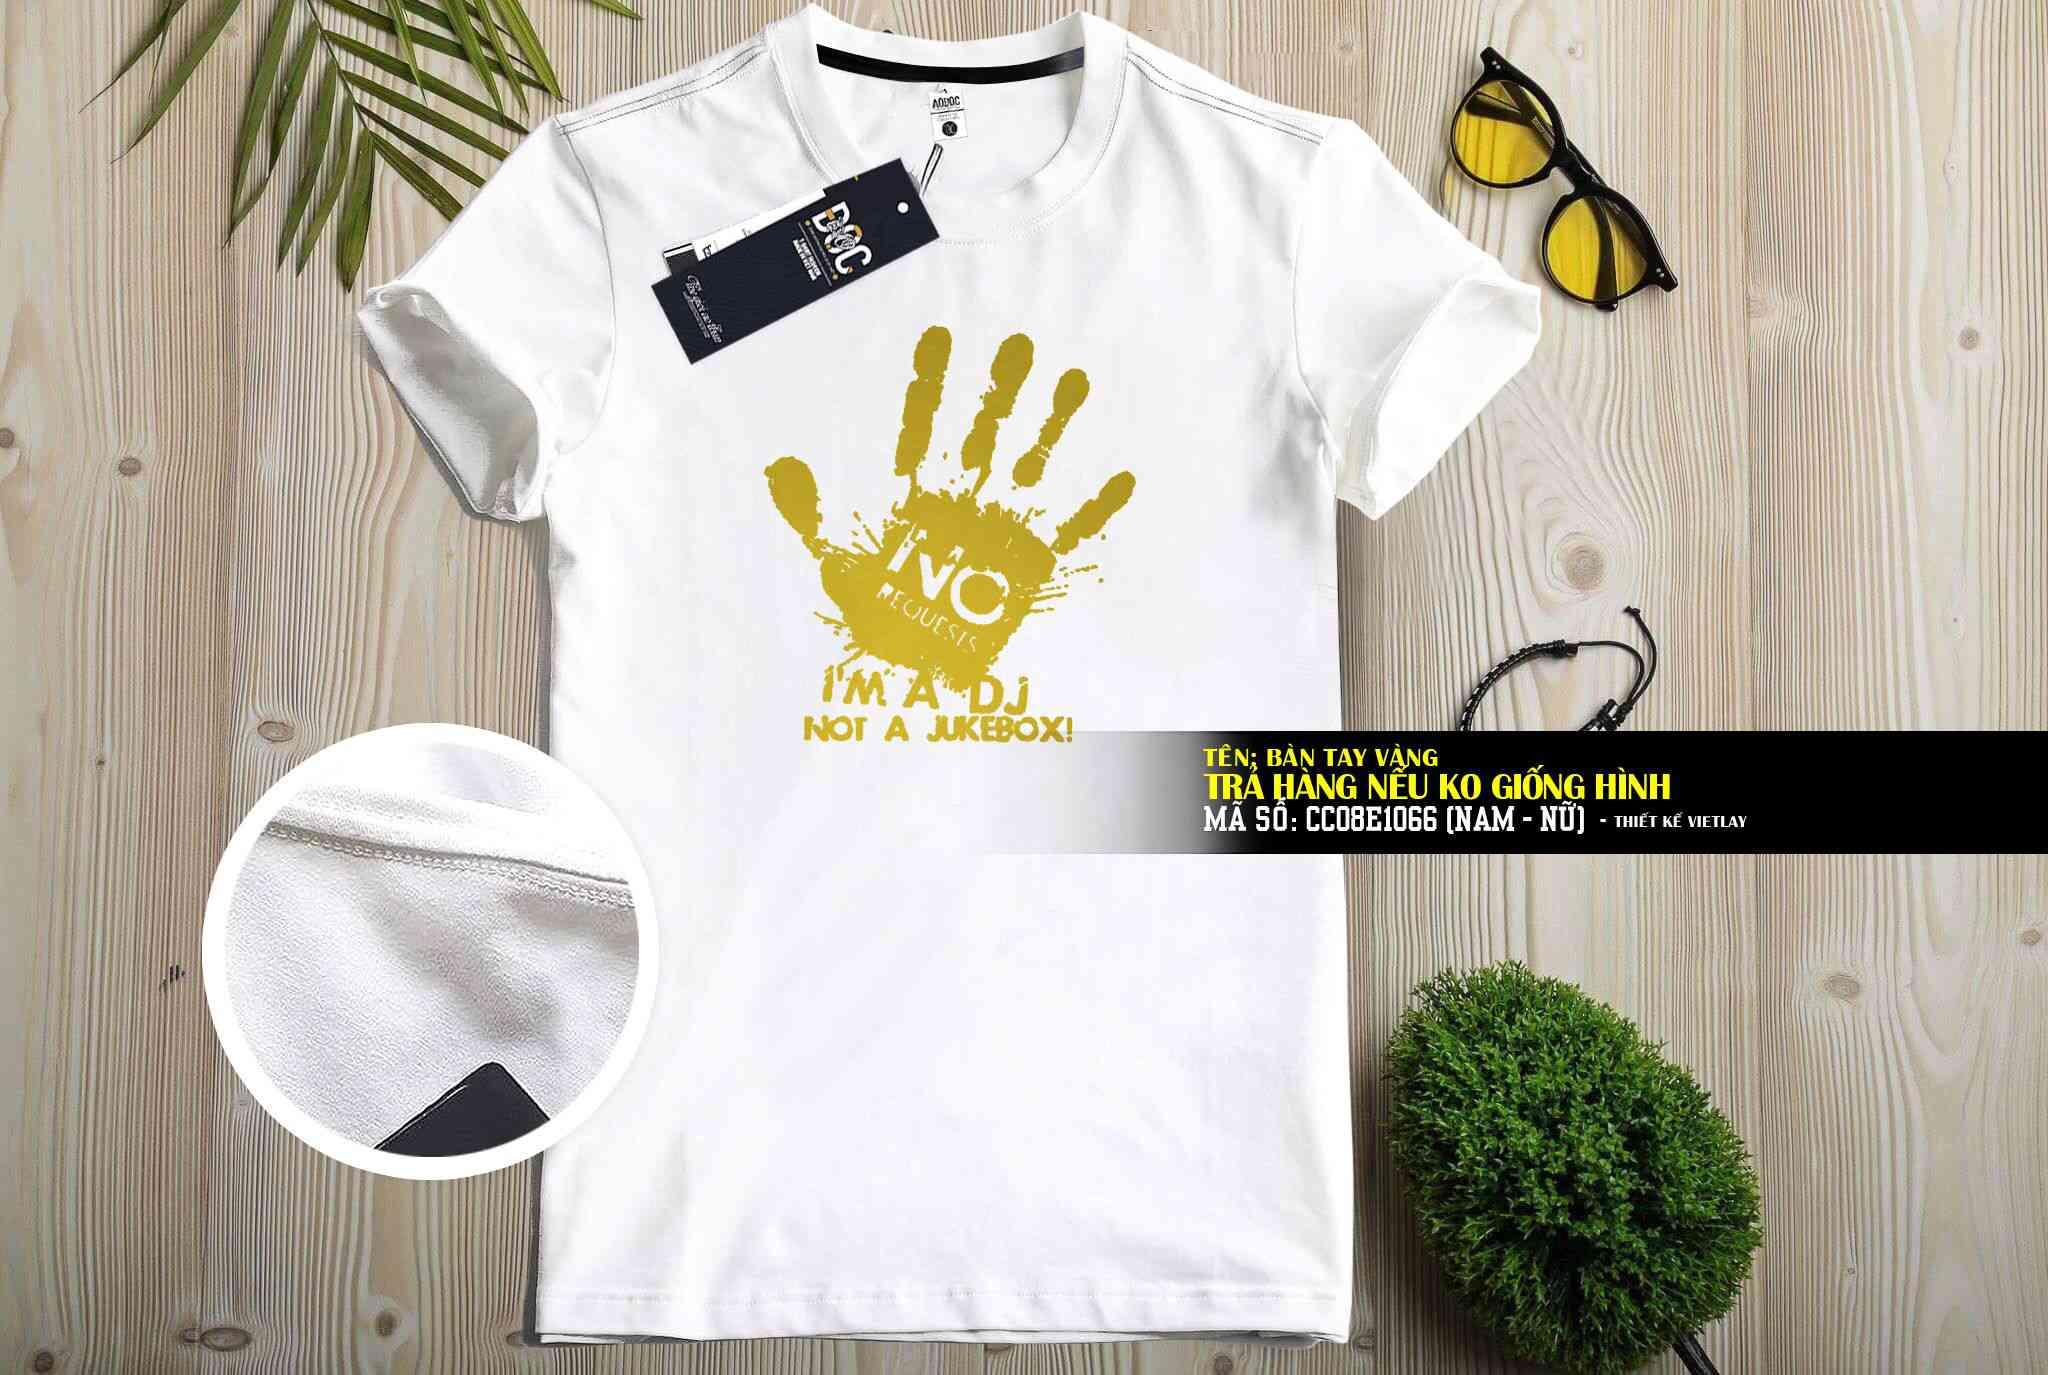 CC08e1066 Bàn tay vàng